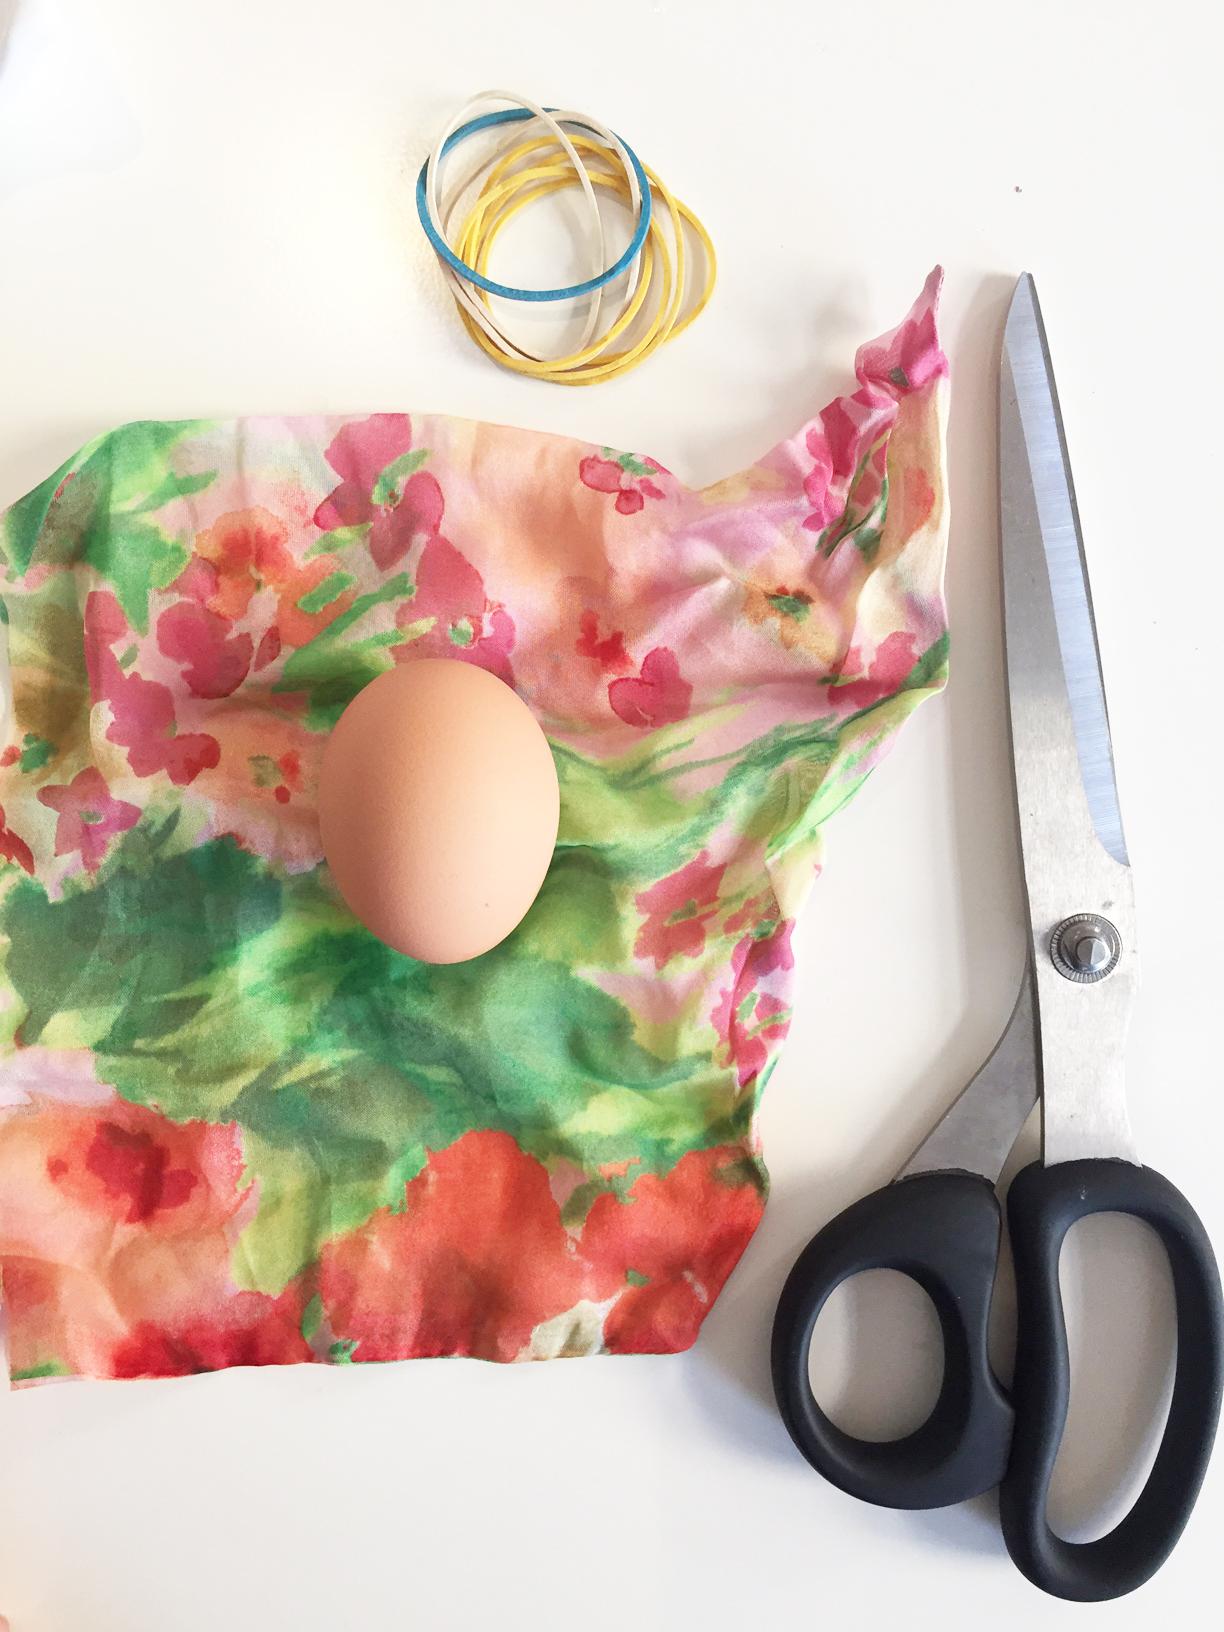 eggscissors.jpg